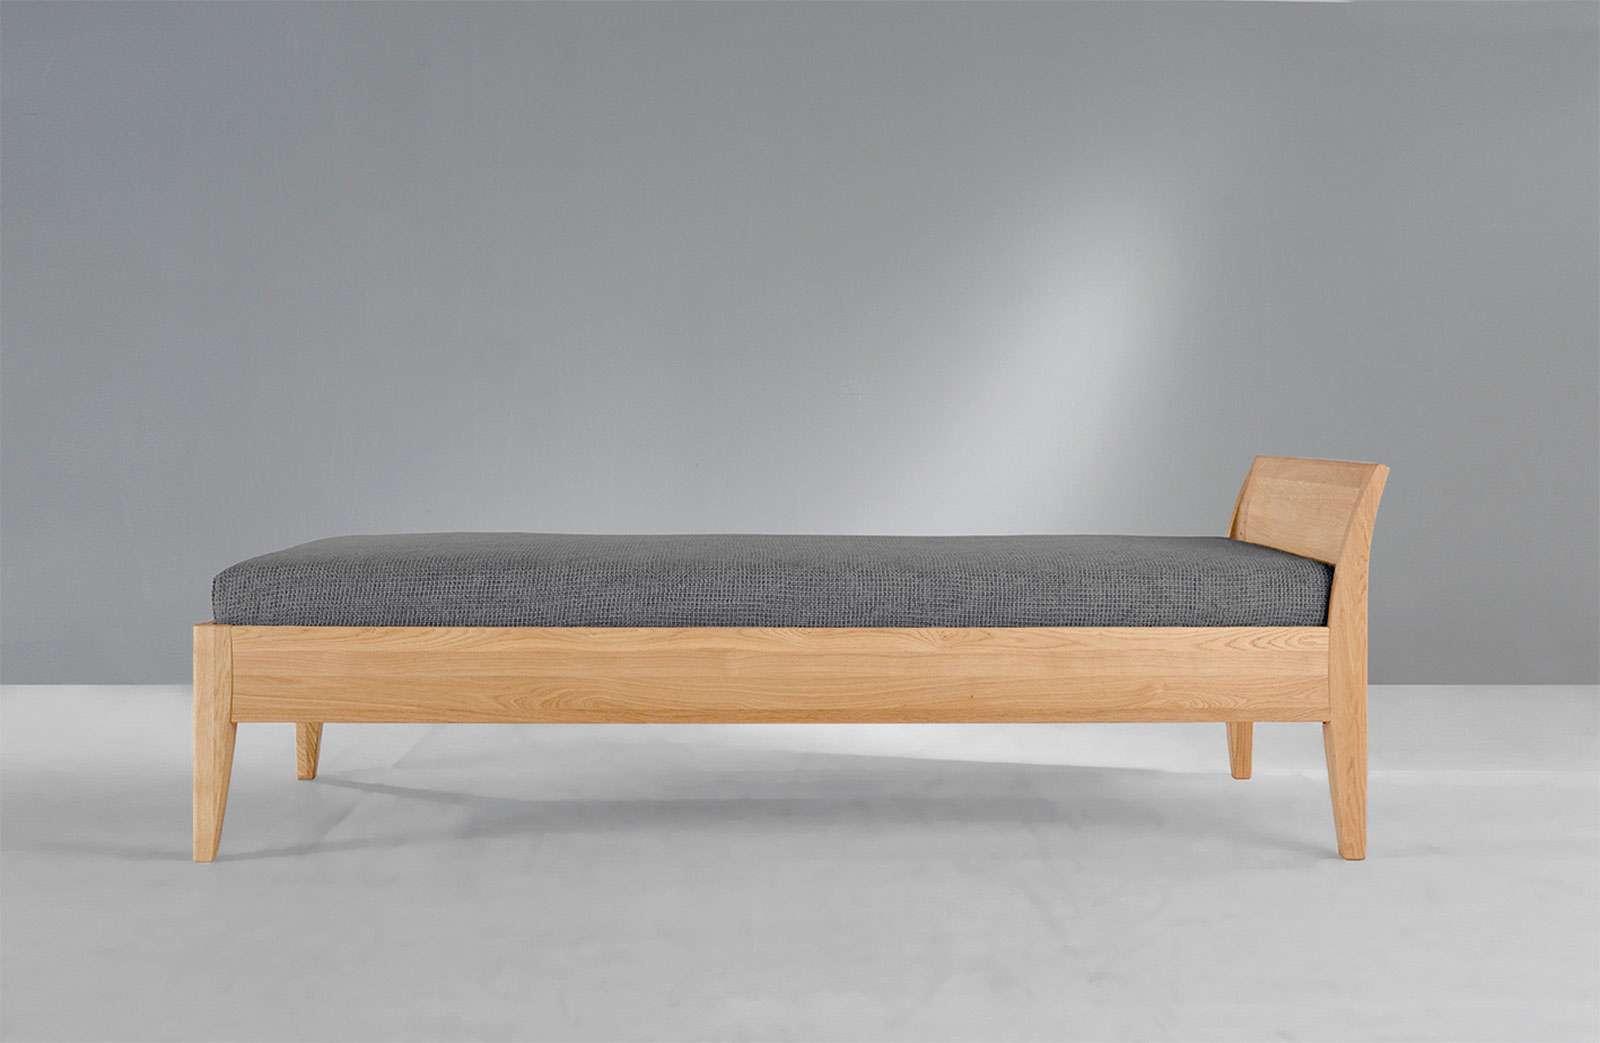 Massiv Holz Bett mit Kopfteil von Zack Design - CM Basic1 - PureNature